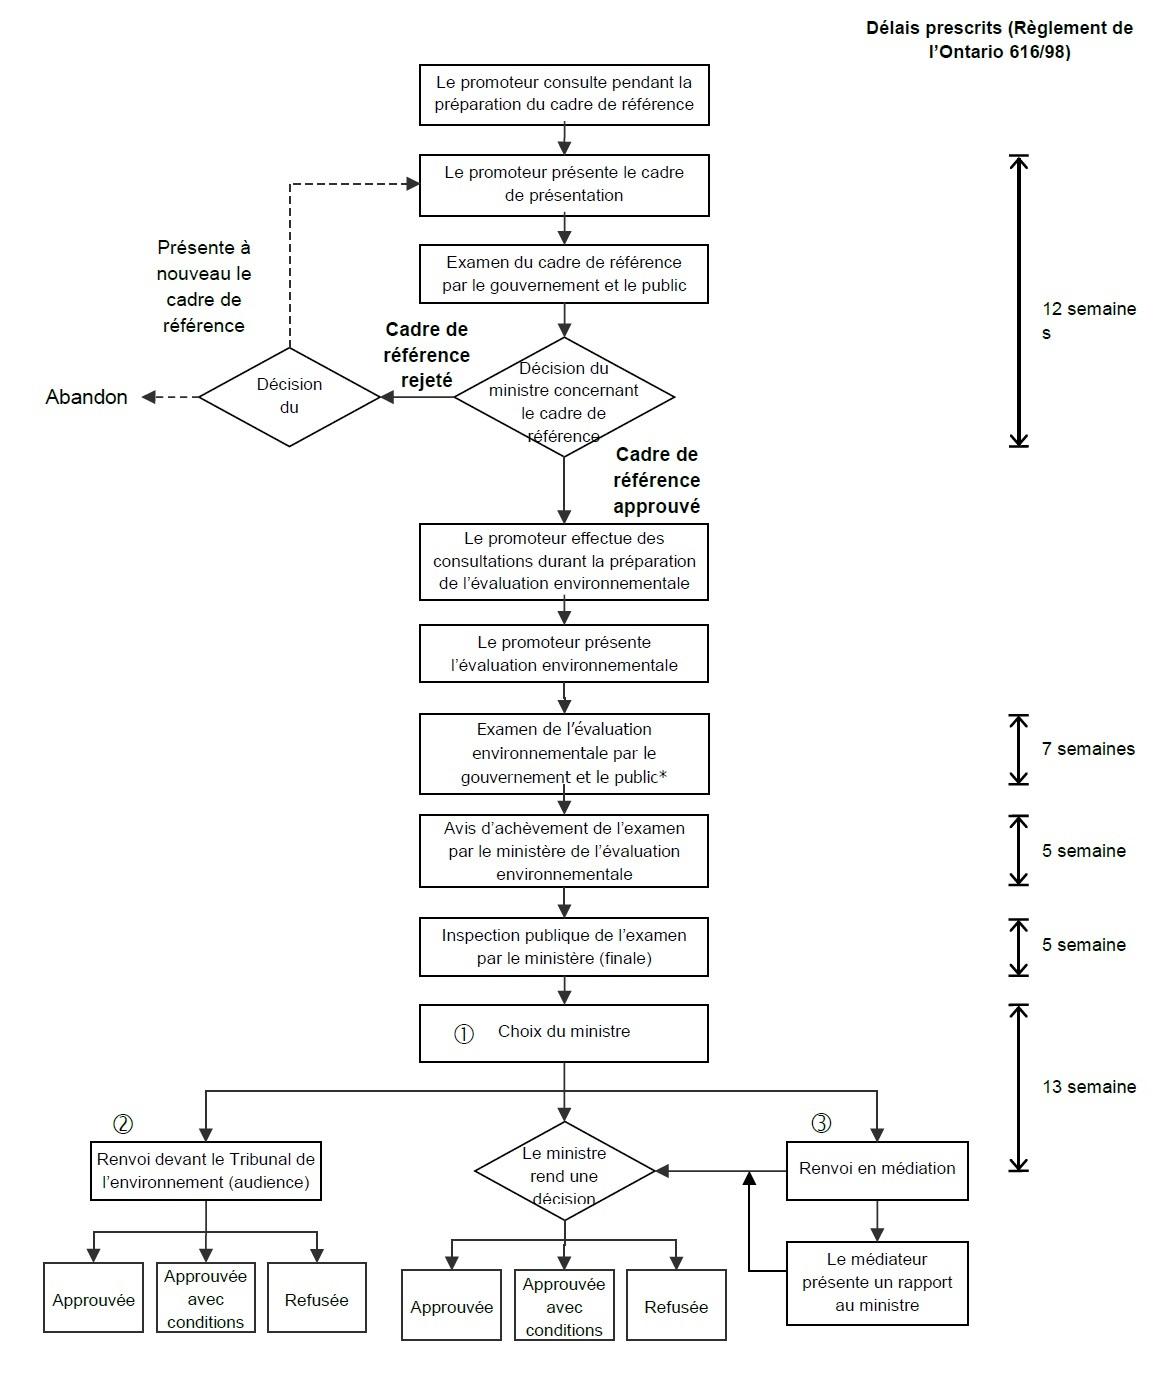 Figure a1 est un organigramme du processus d' évaluation environnementale qui est décrit ci-dessous.